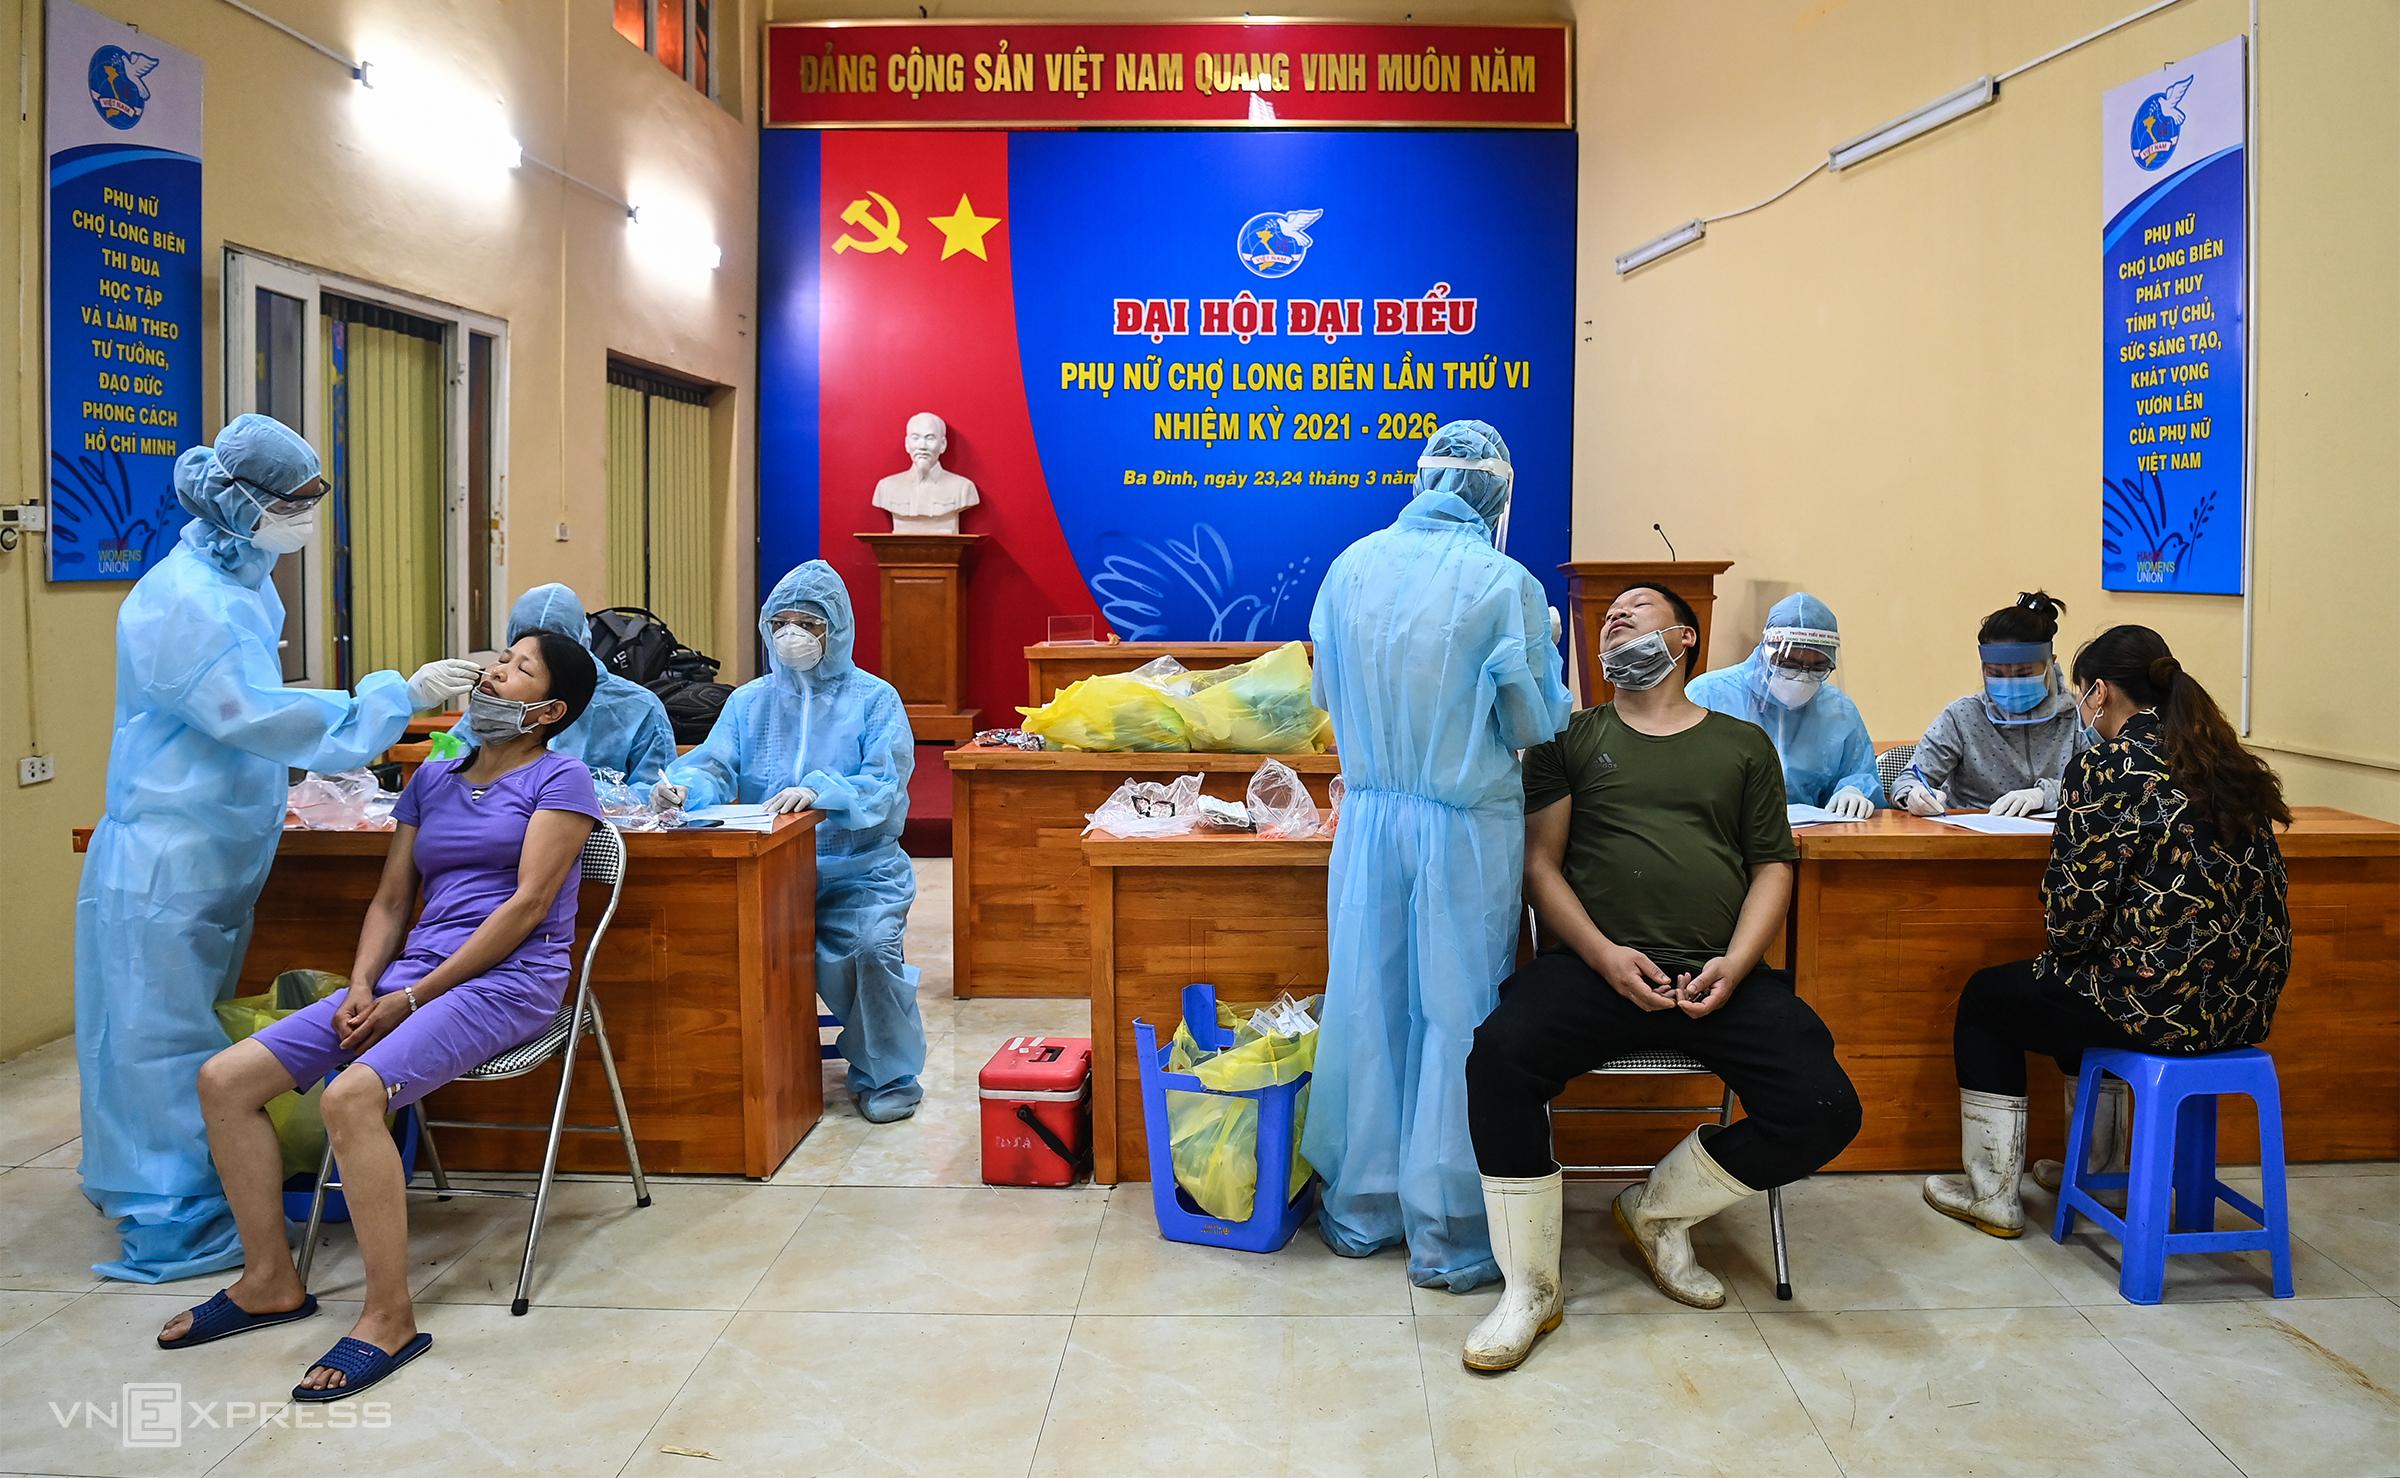 Tiểu thương chợ Long Biên được lấy mẫu xét nghiệm đêm 1/8. Ảnh: Giang Huy.